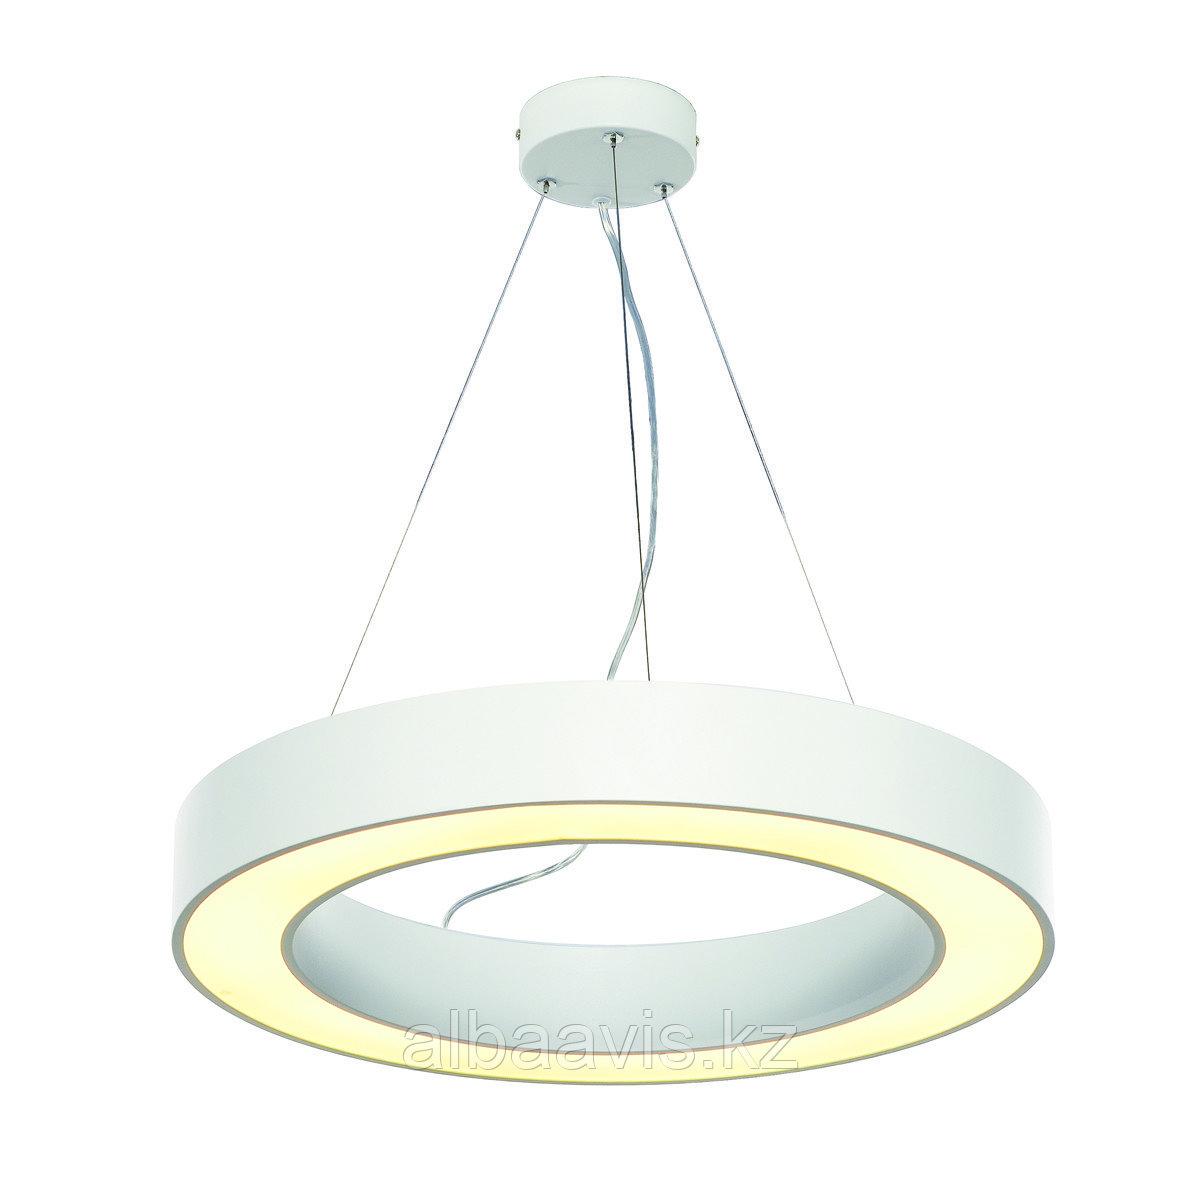 Светильники подвесные в стиле хай-тек 150х130х8 см, витражные люстры, люстры в стиле хай-тек, люстра